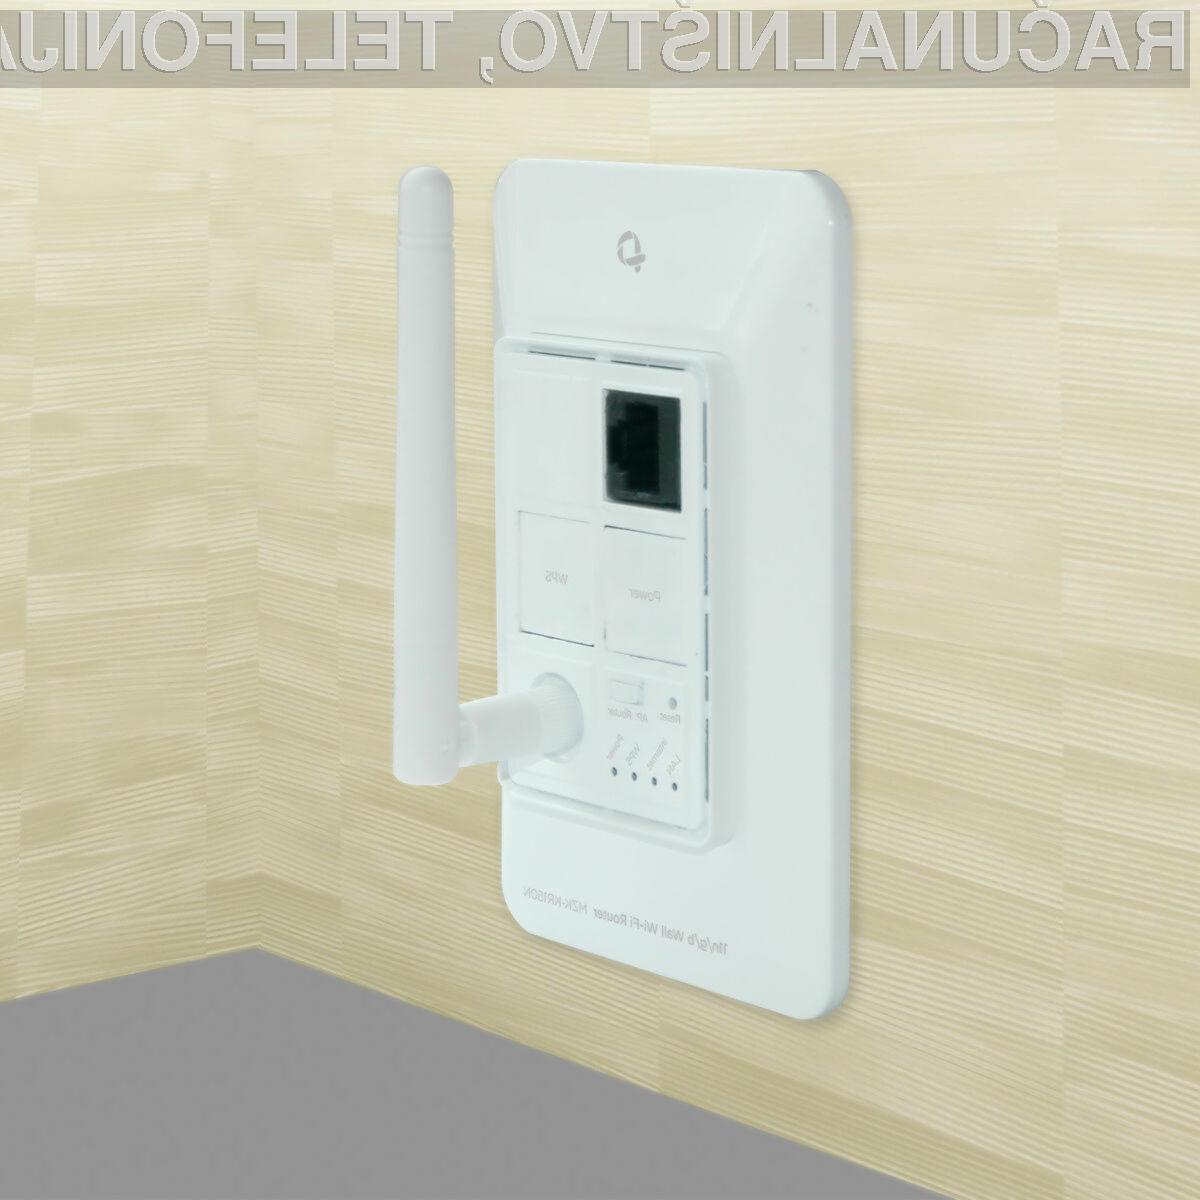 Stenski usmerjevalnik bo izjemno priročen v majhnih prostorih.